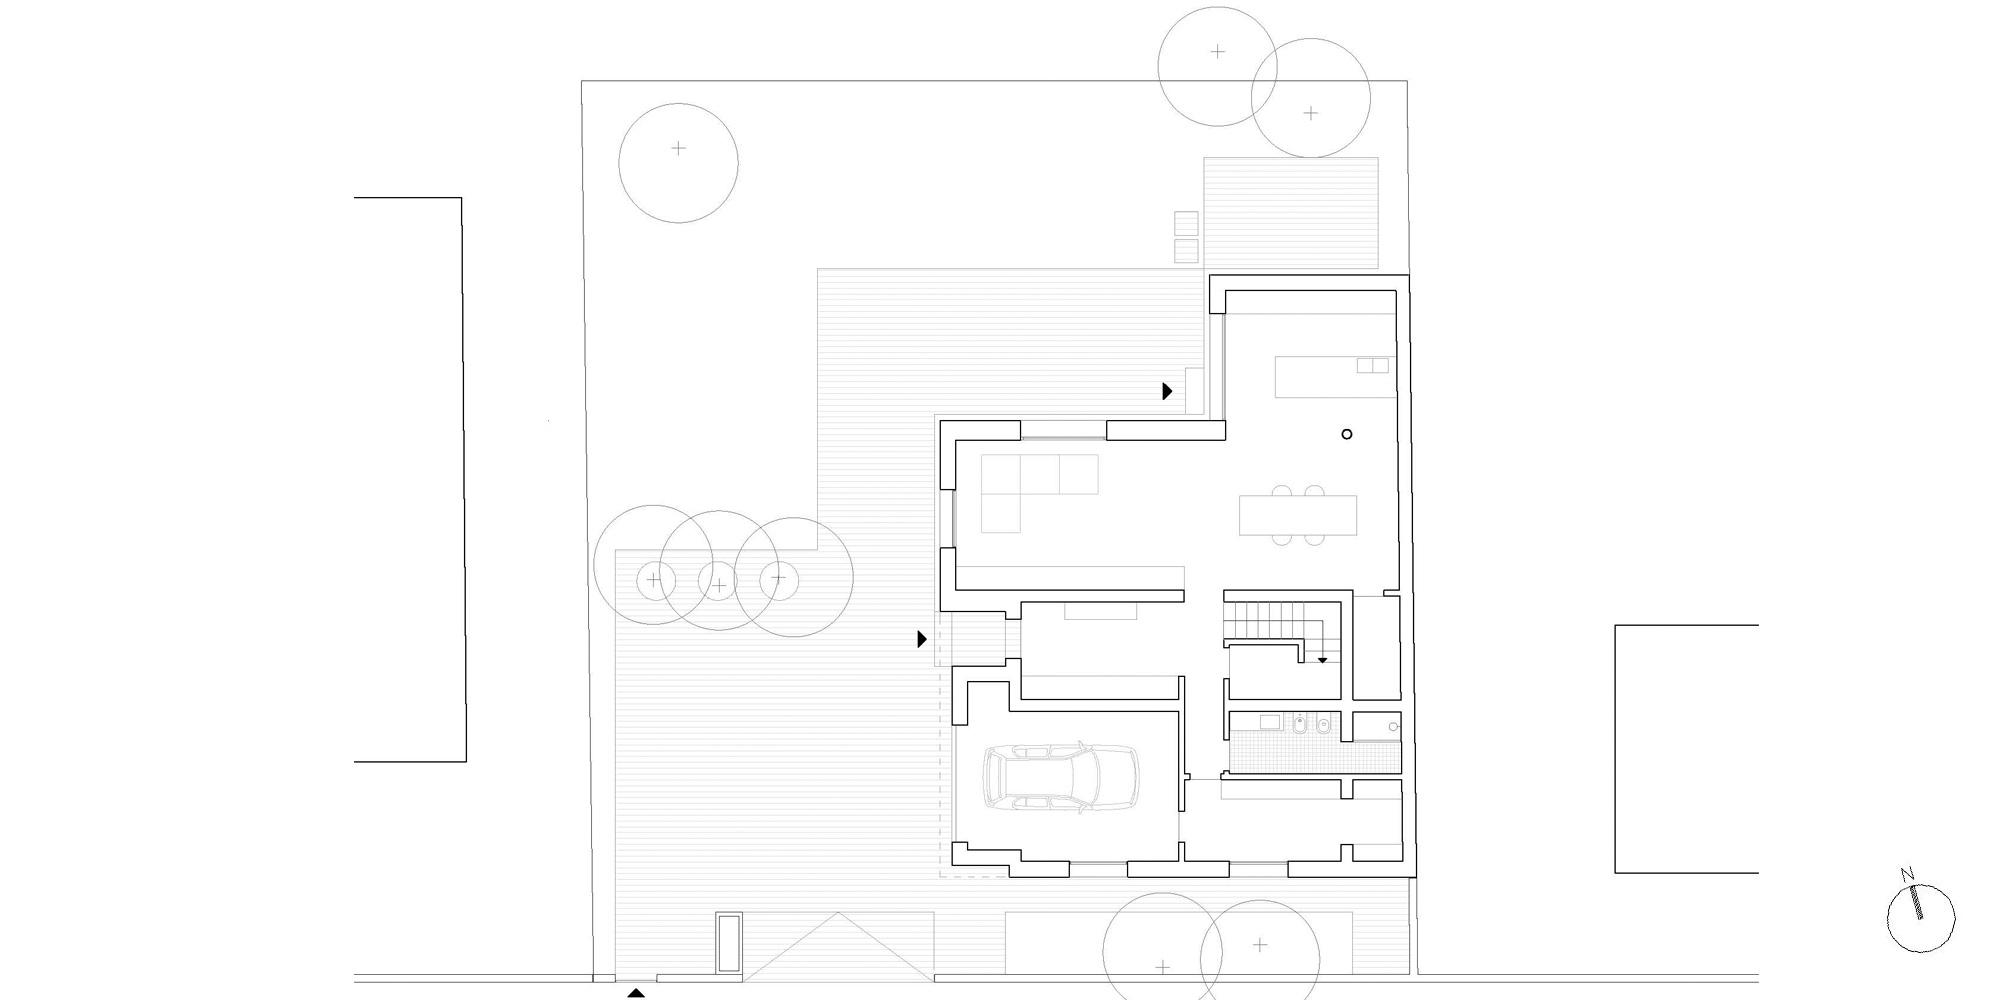 Pianta piano terra © MIDE architetti